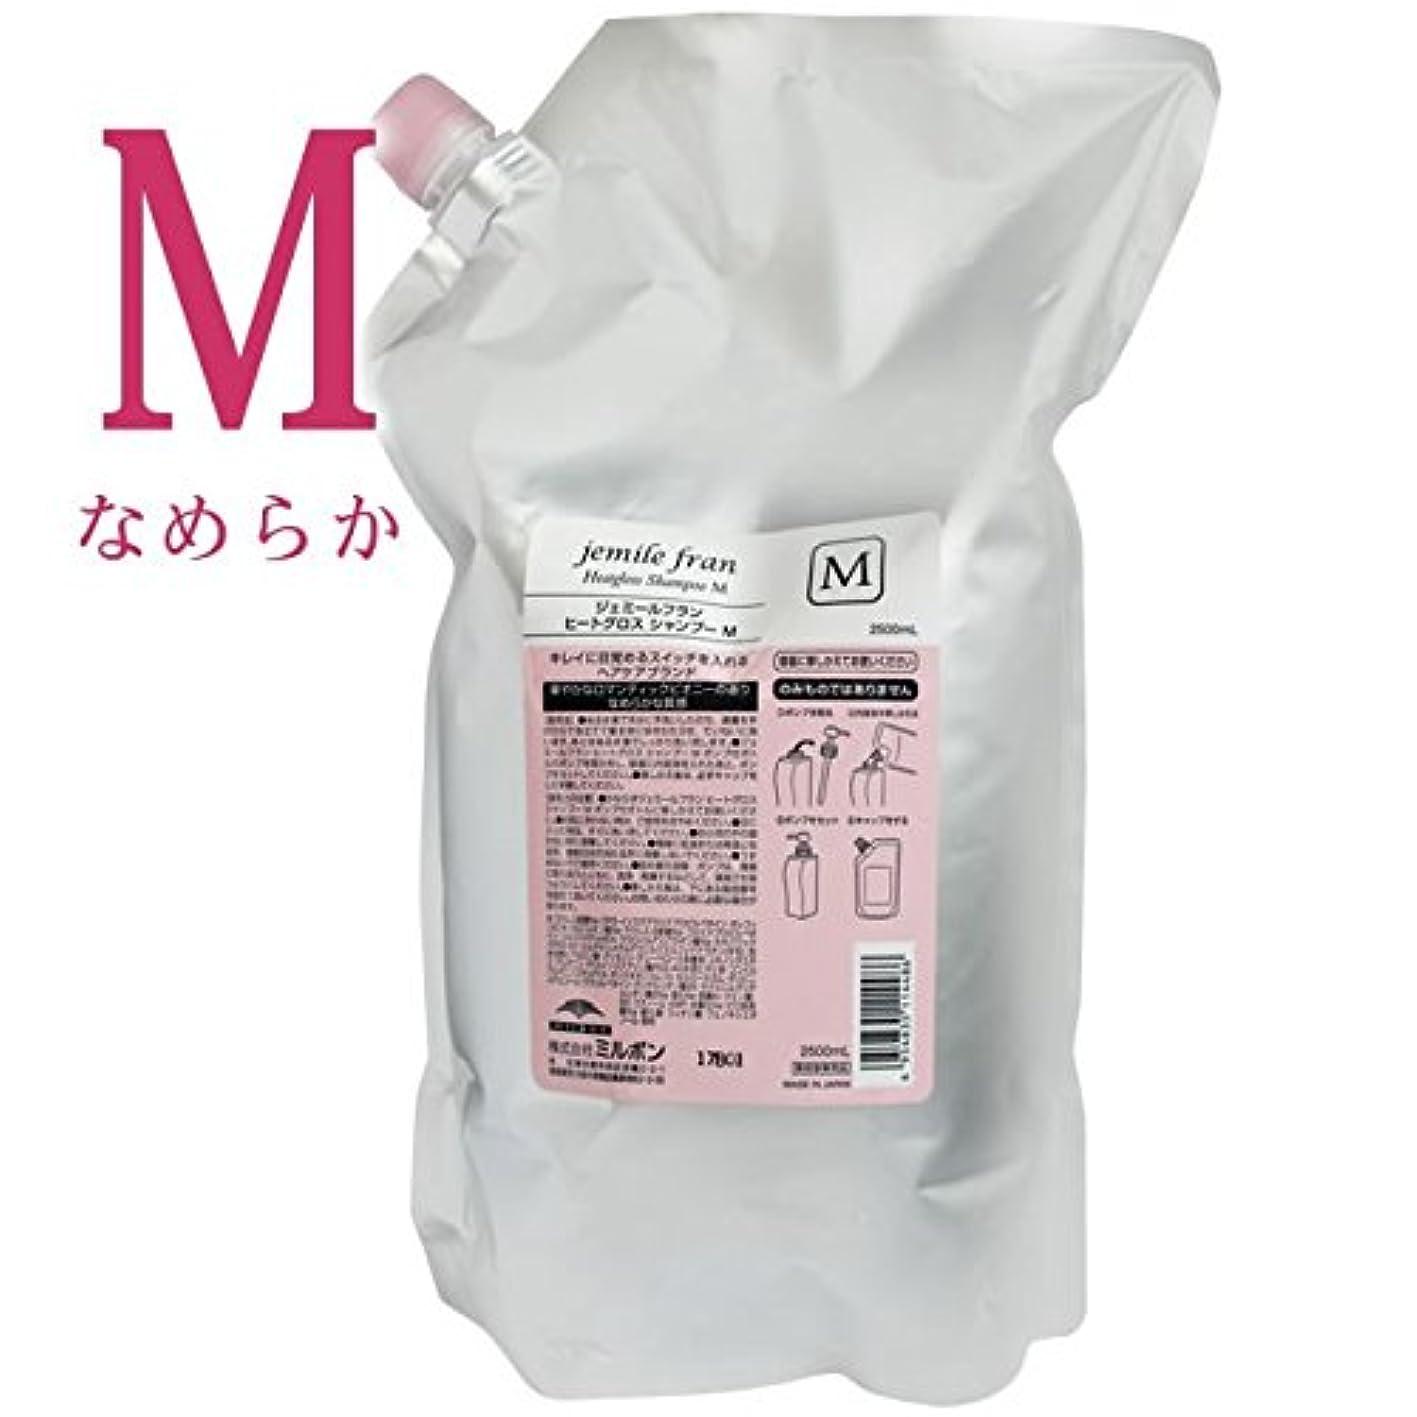 蒸留する巻き戻す肉屋ミルボン|ジェミールフラン ヒートグロス シャンプーM 2500ml (詰替用)